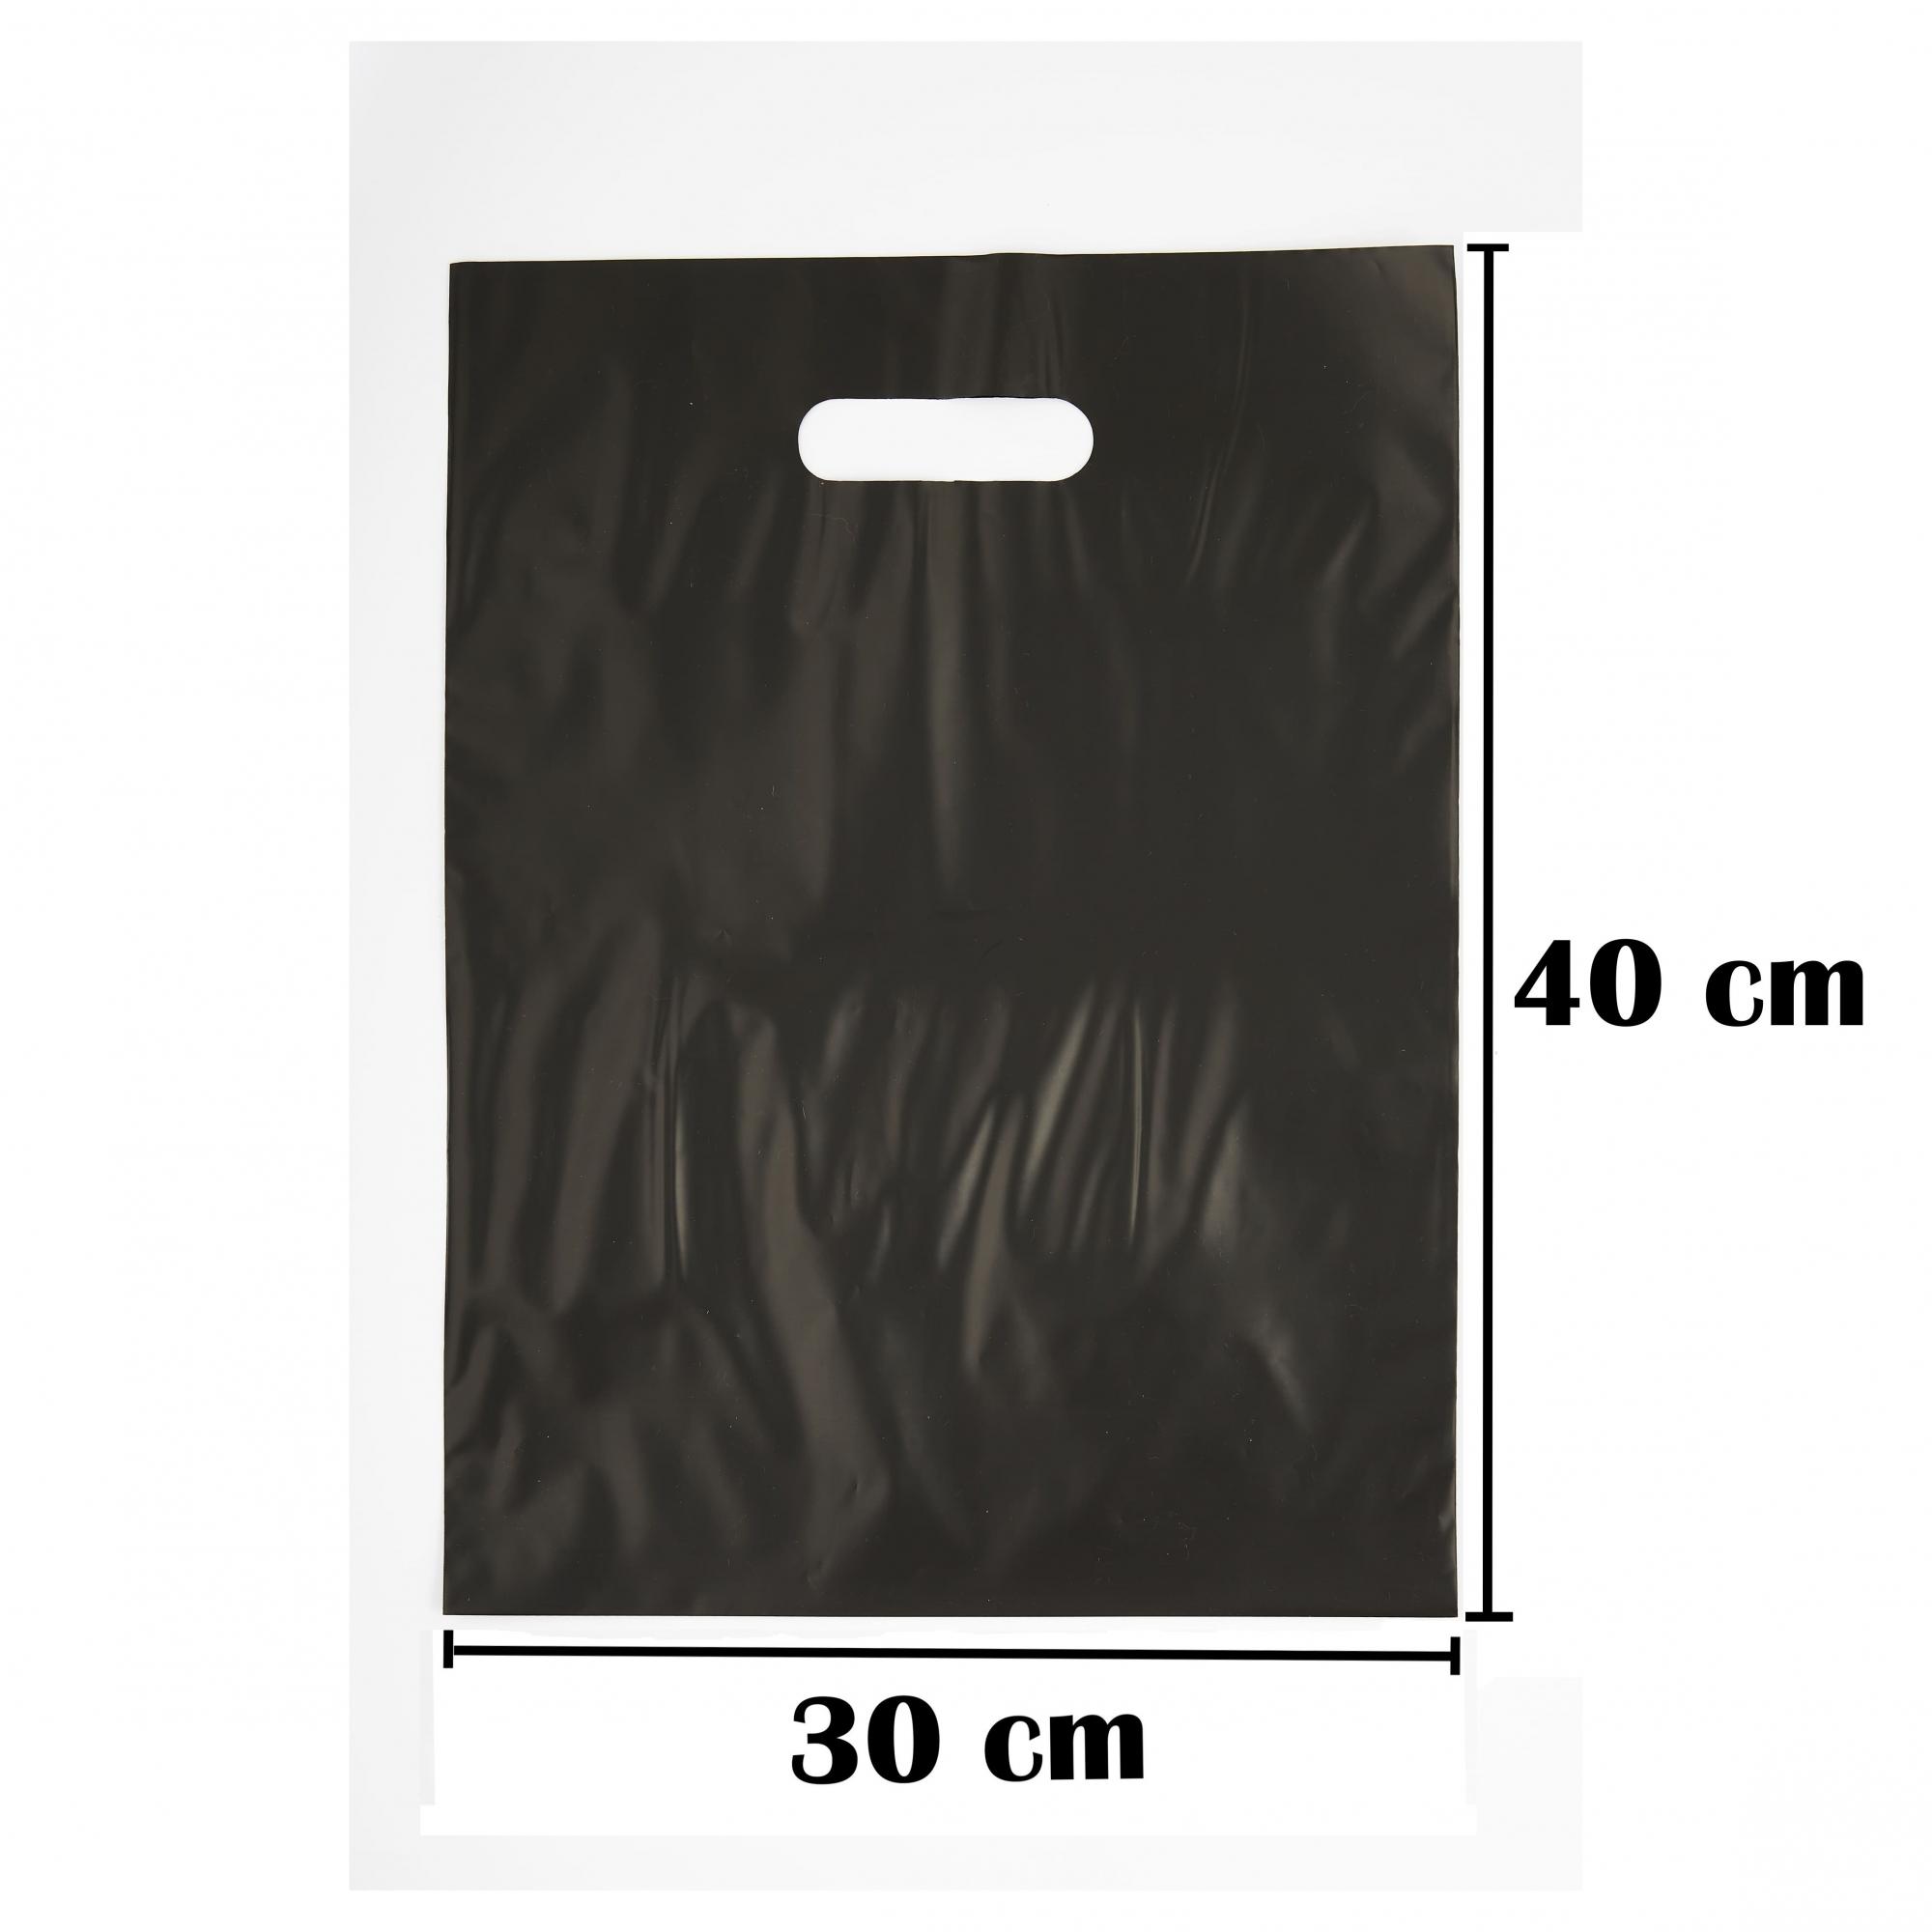 Sacola Plástica 30x40 Preta - Alça Boca de Palhaço - 50 Unidades